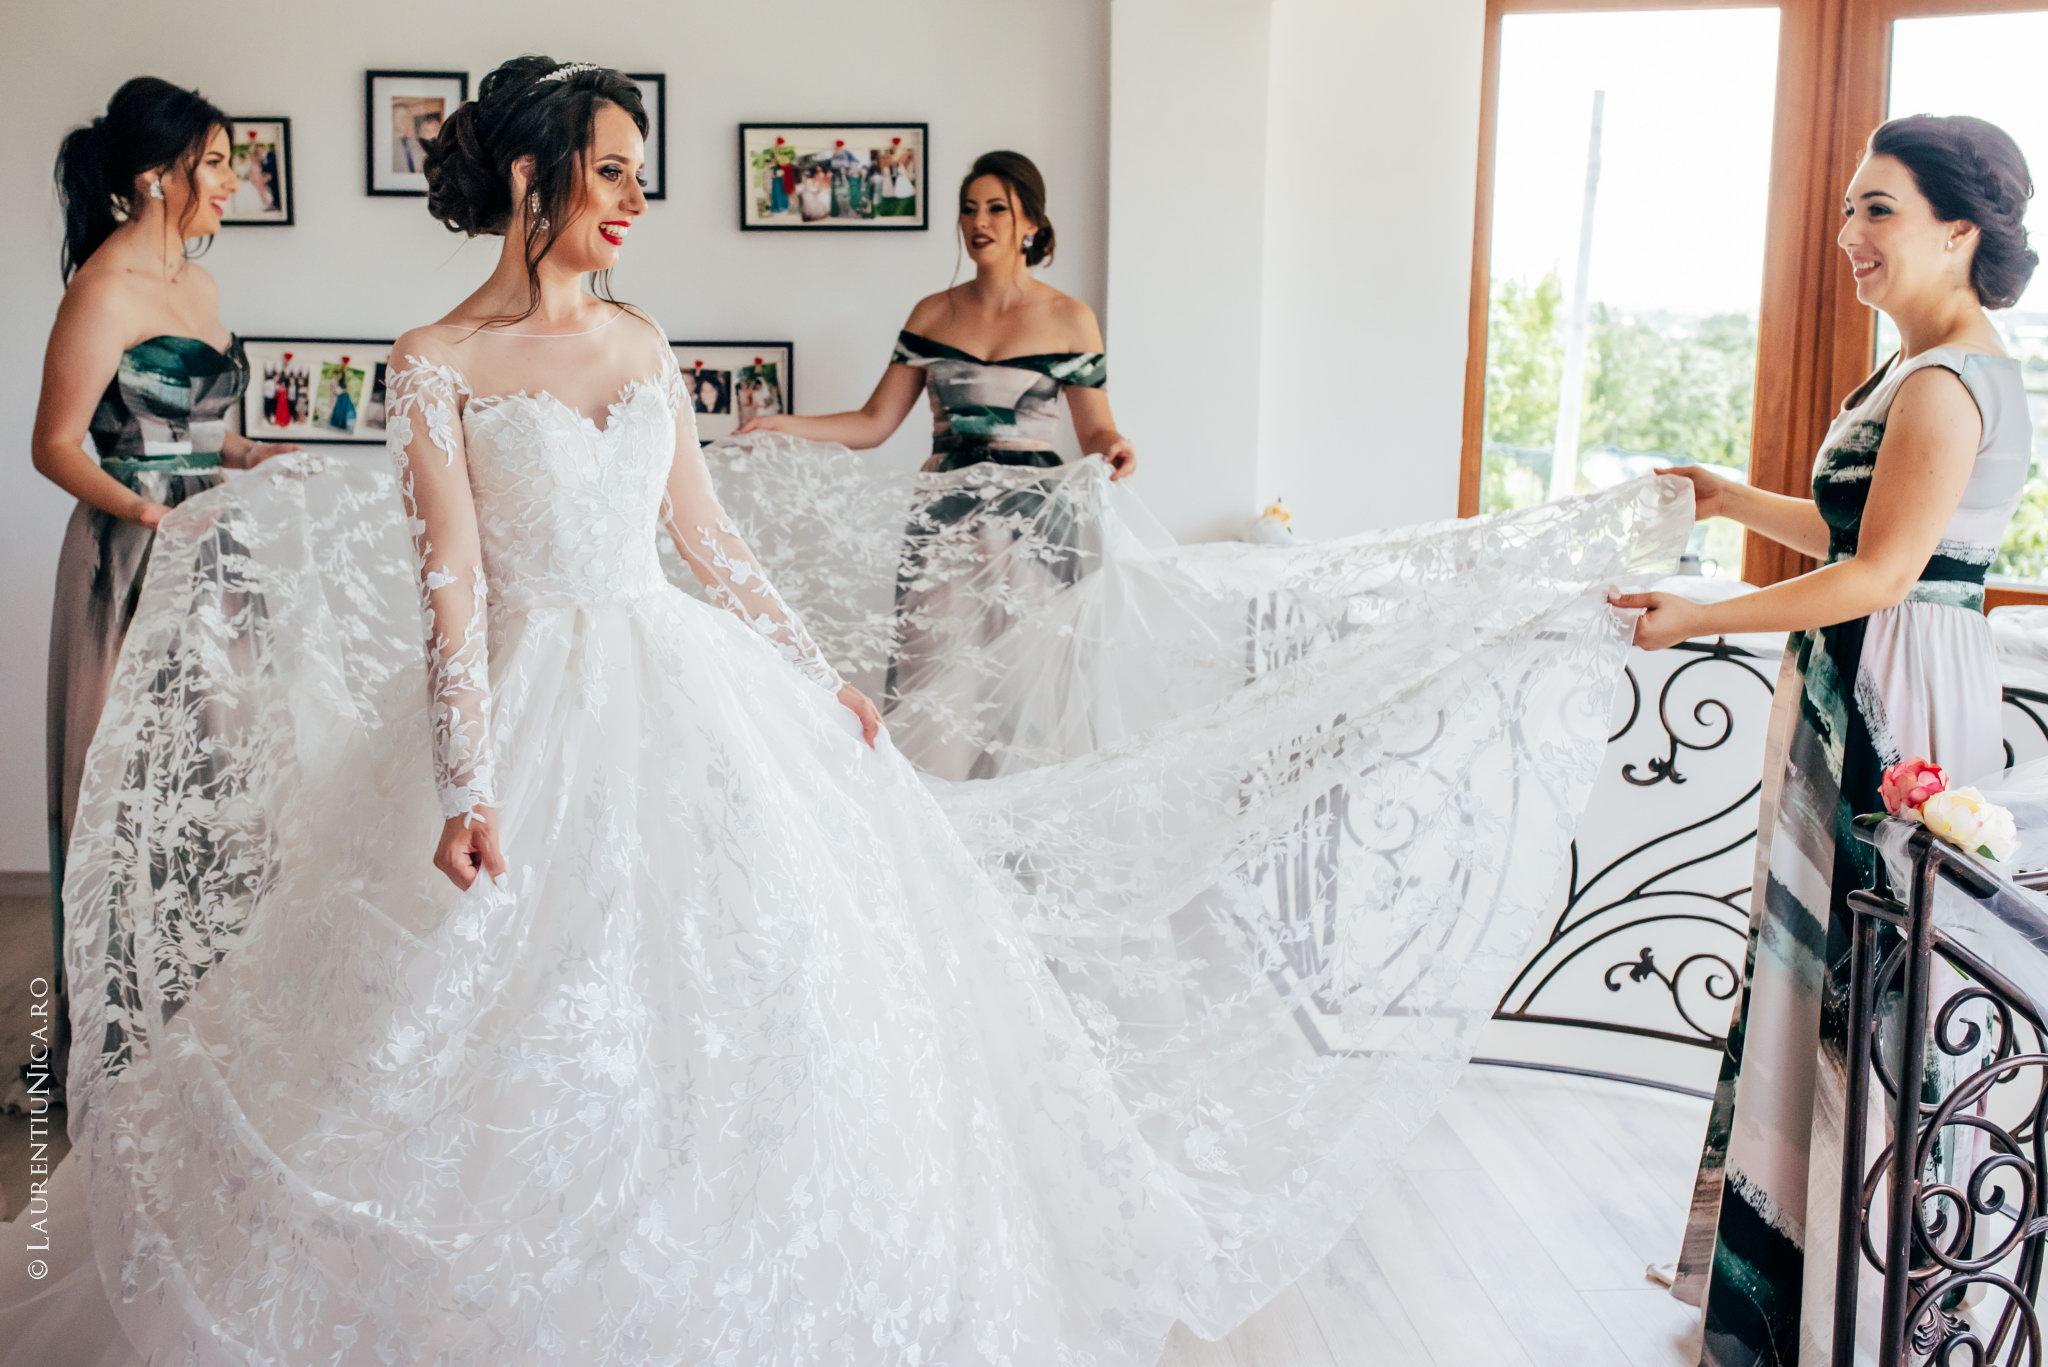 fotografii nunta denisa si florin craiova 09 - Denisa & Florin | Fotografii nunta | Craiova